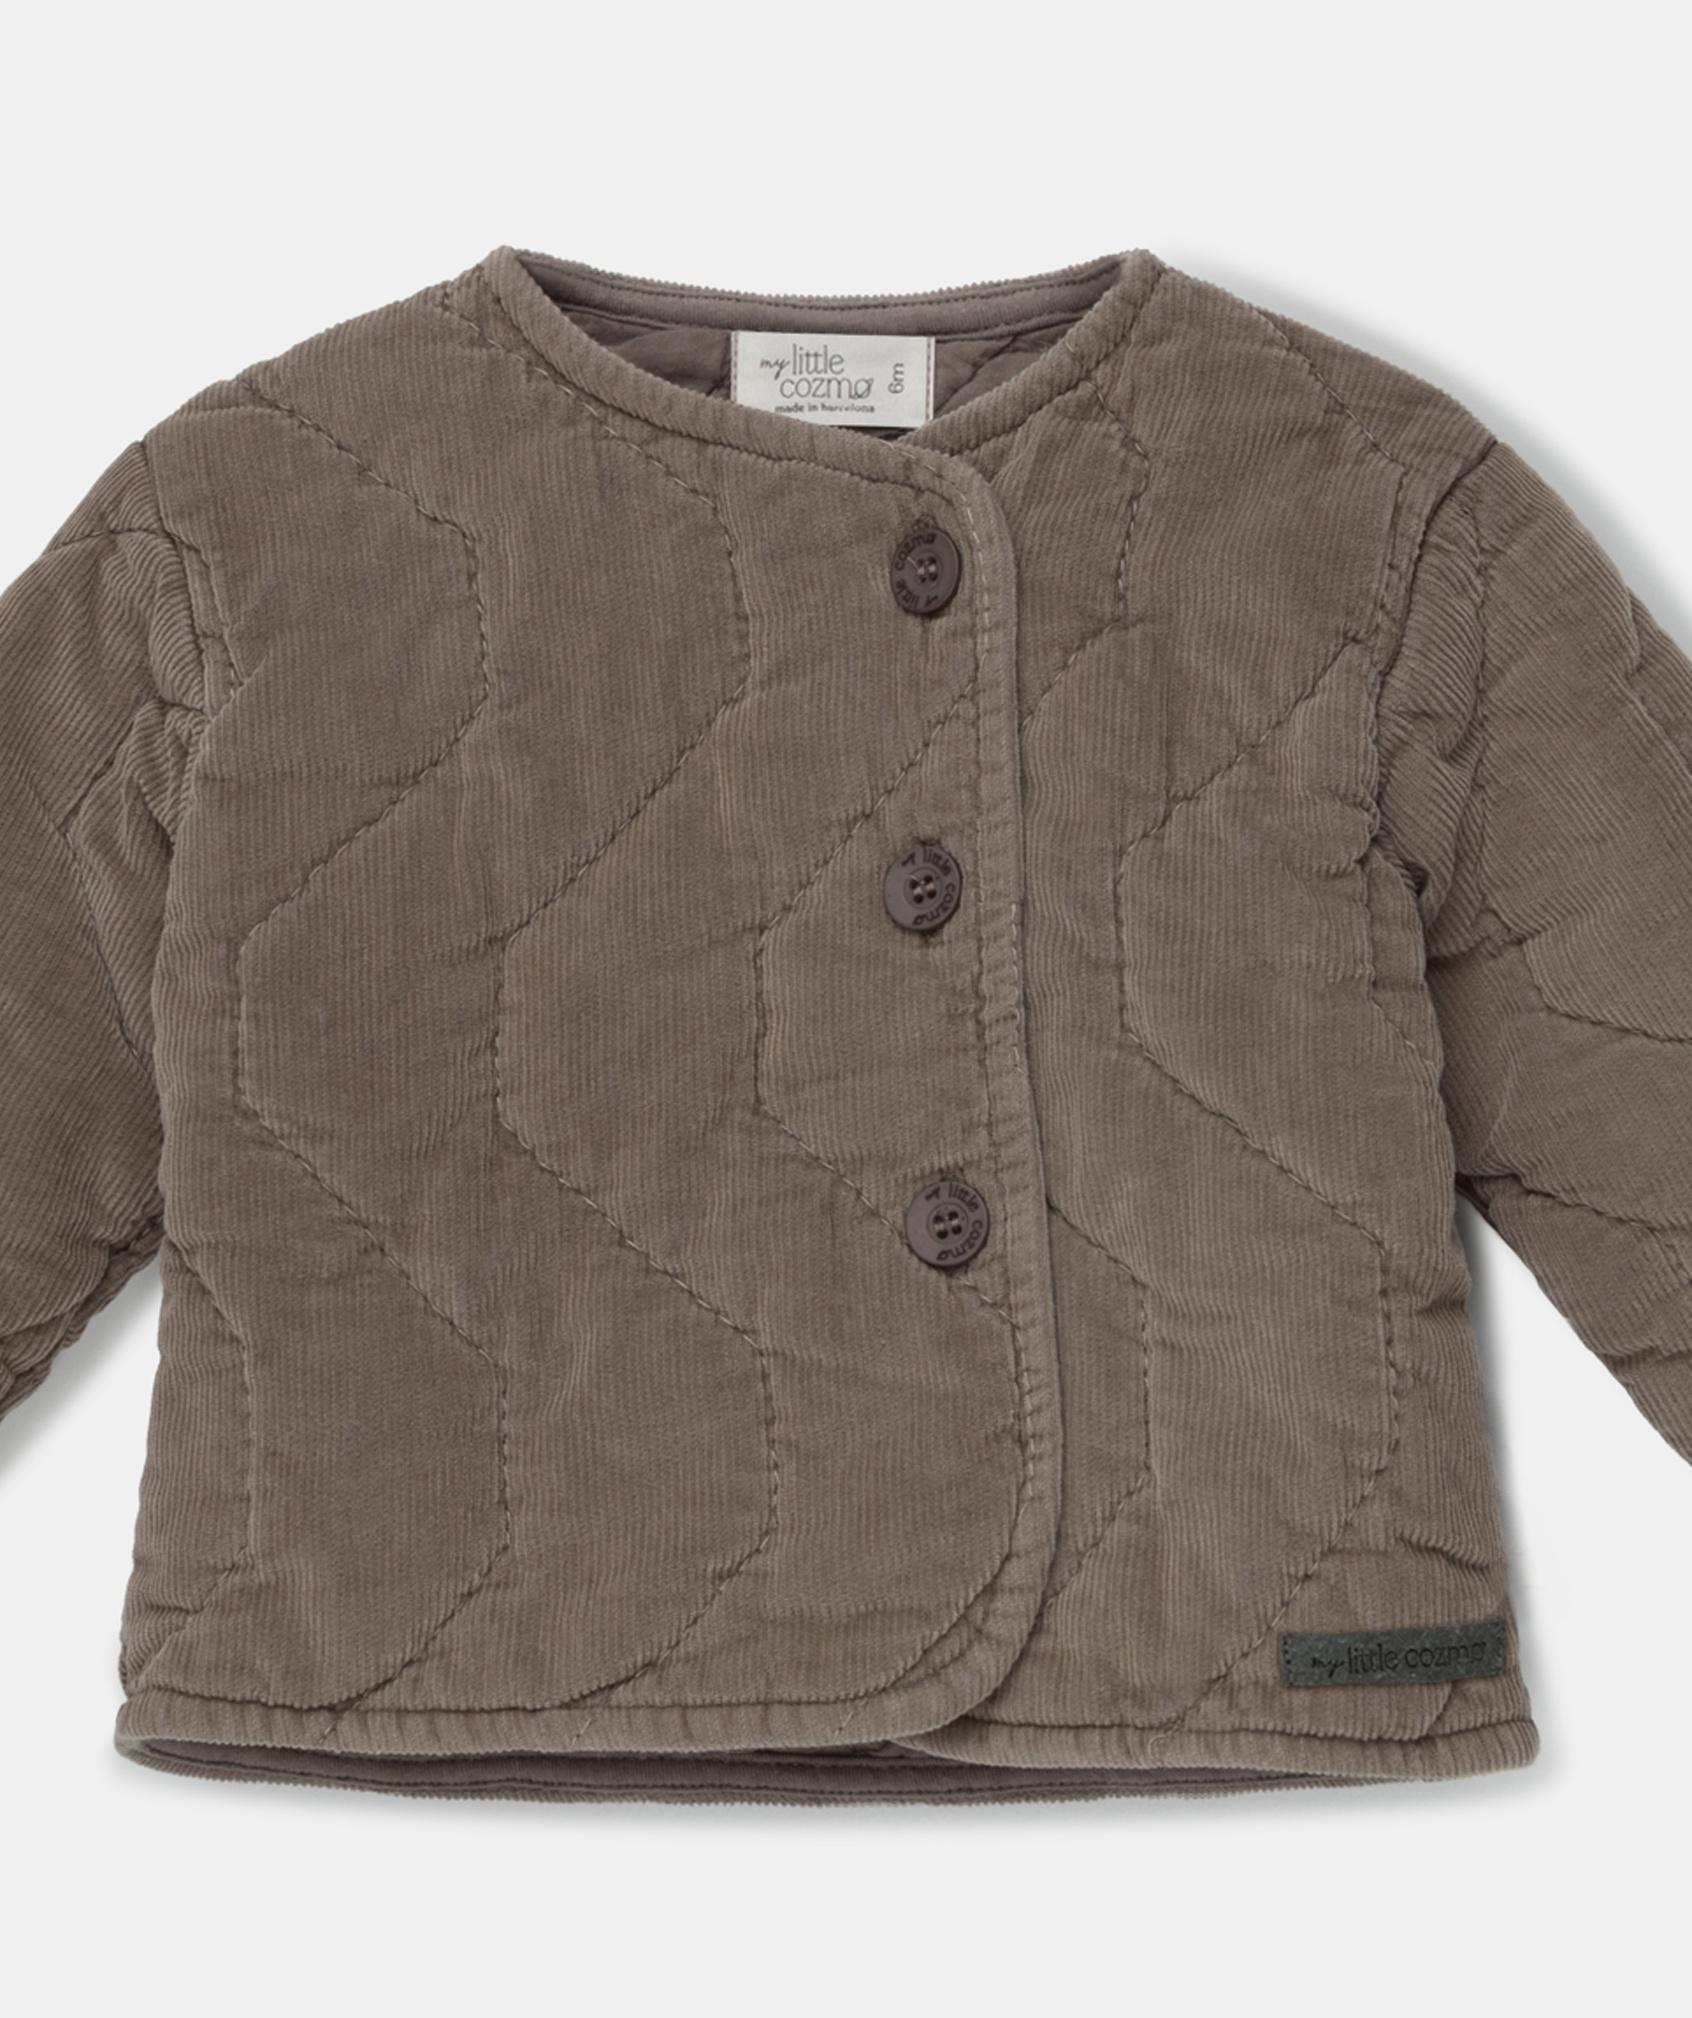 My Little Cozmo Coats ans Jackets Lonan | Stone